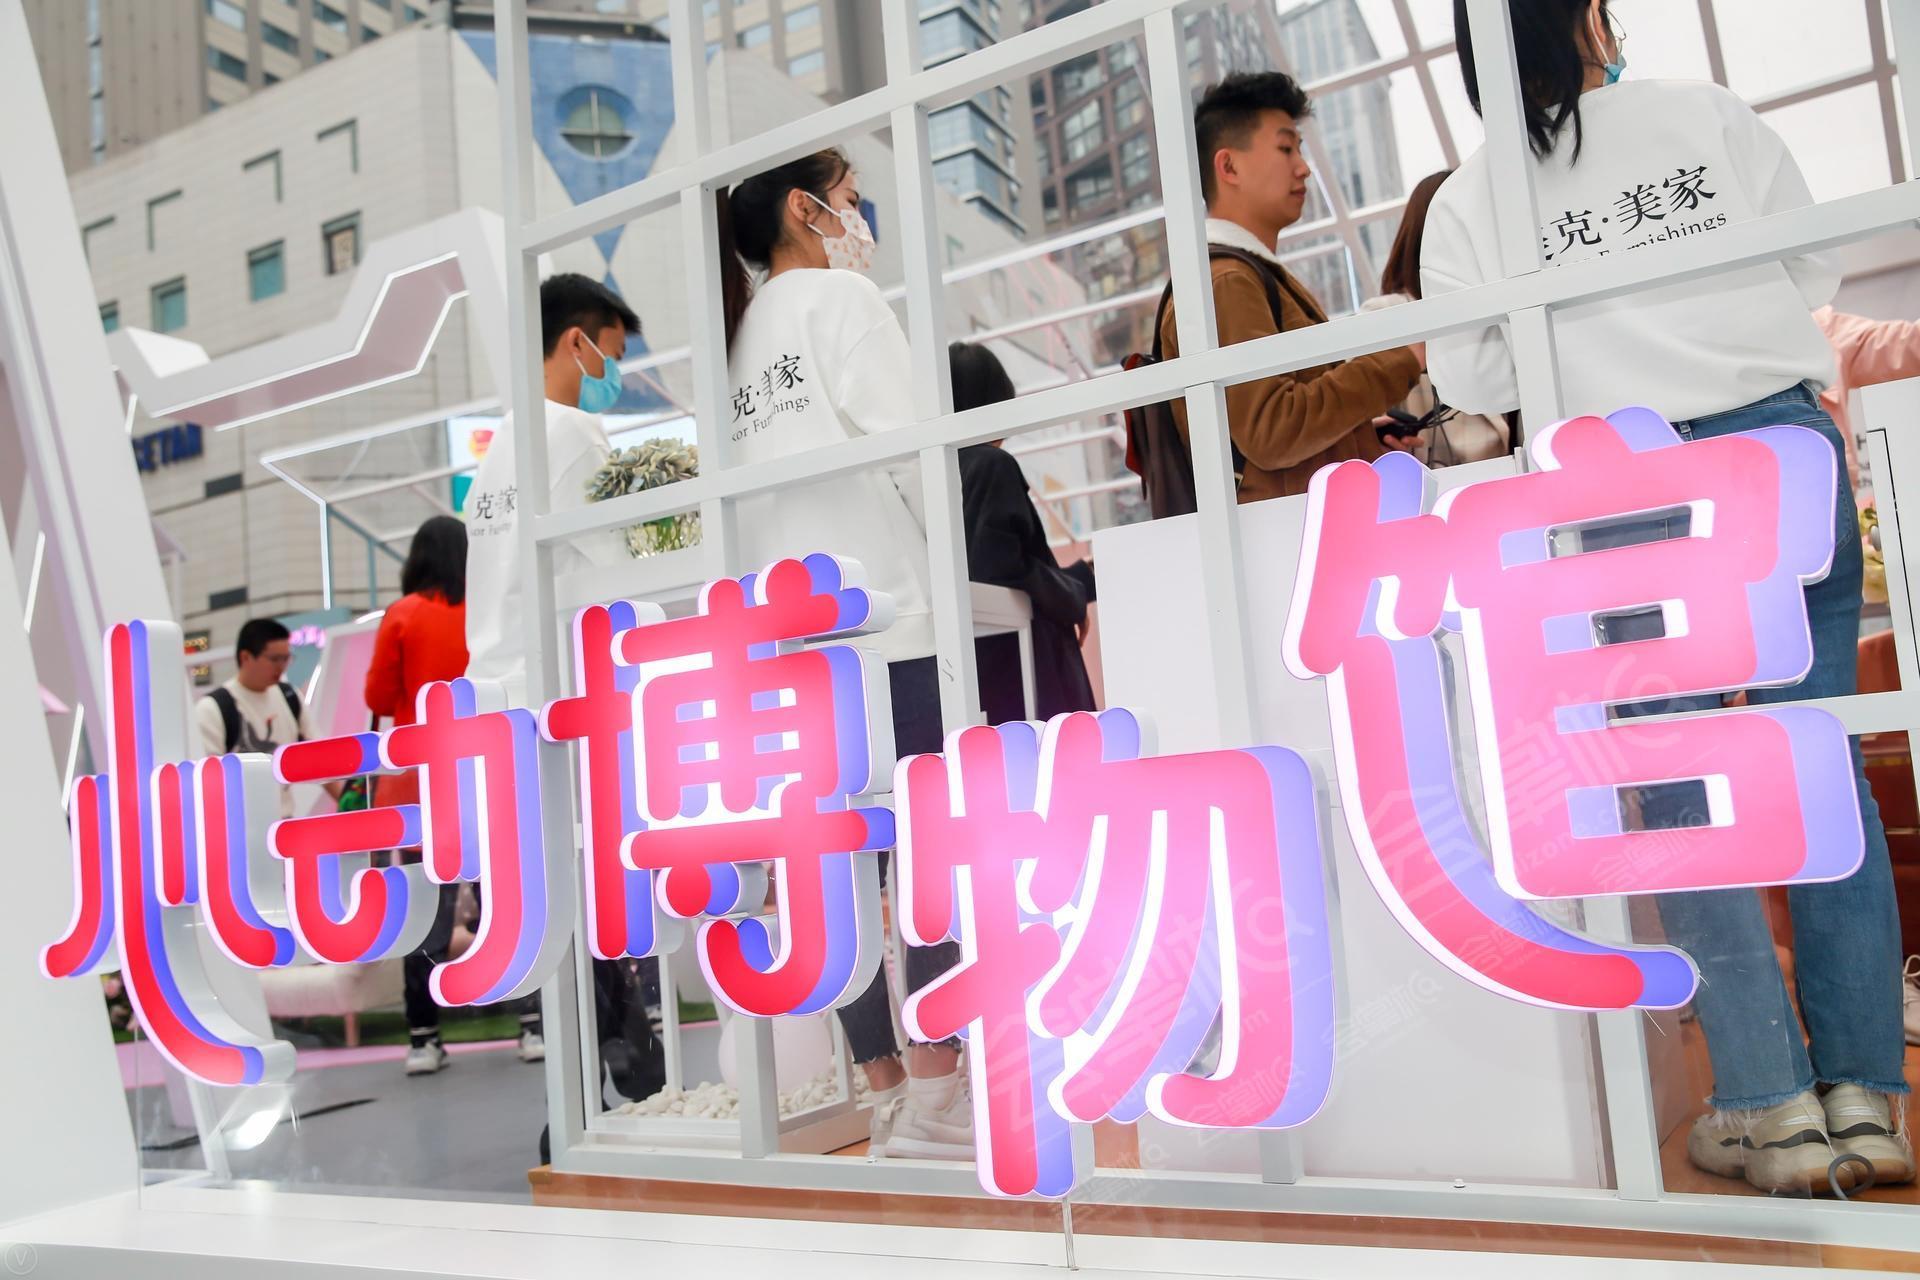 """成都春熙路商业街动态:美克美家""""心动博物馆""""快闪活动亮相成都,在集商业、潮流、时尚"""